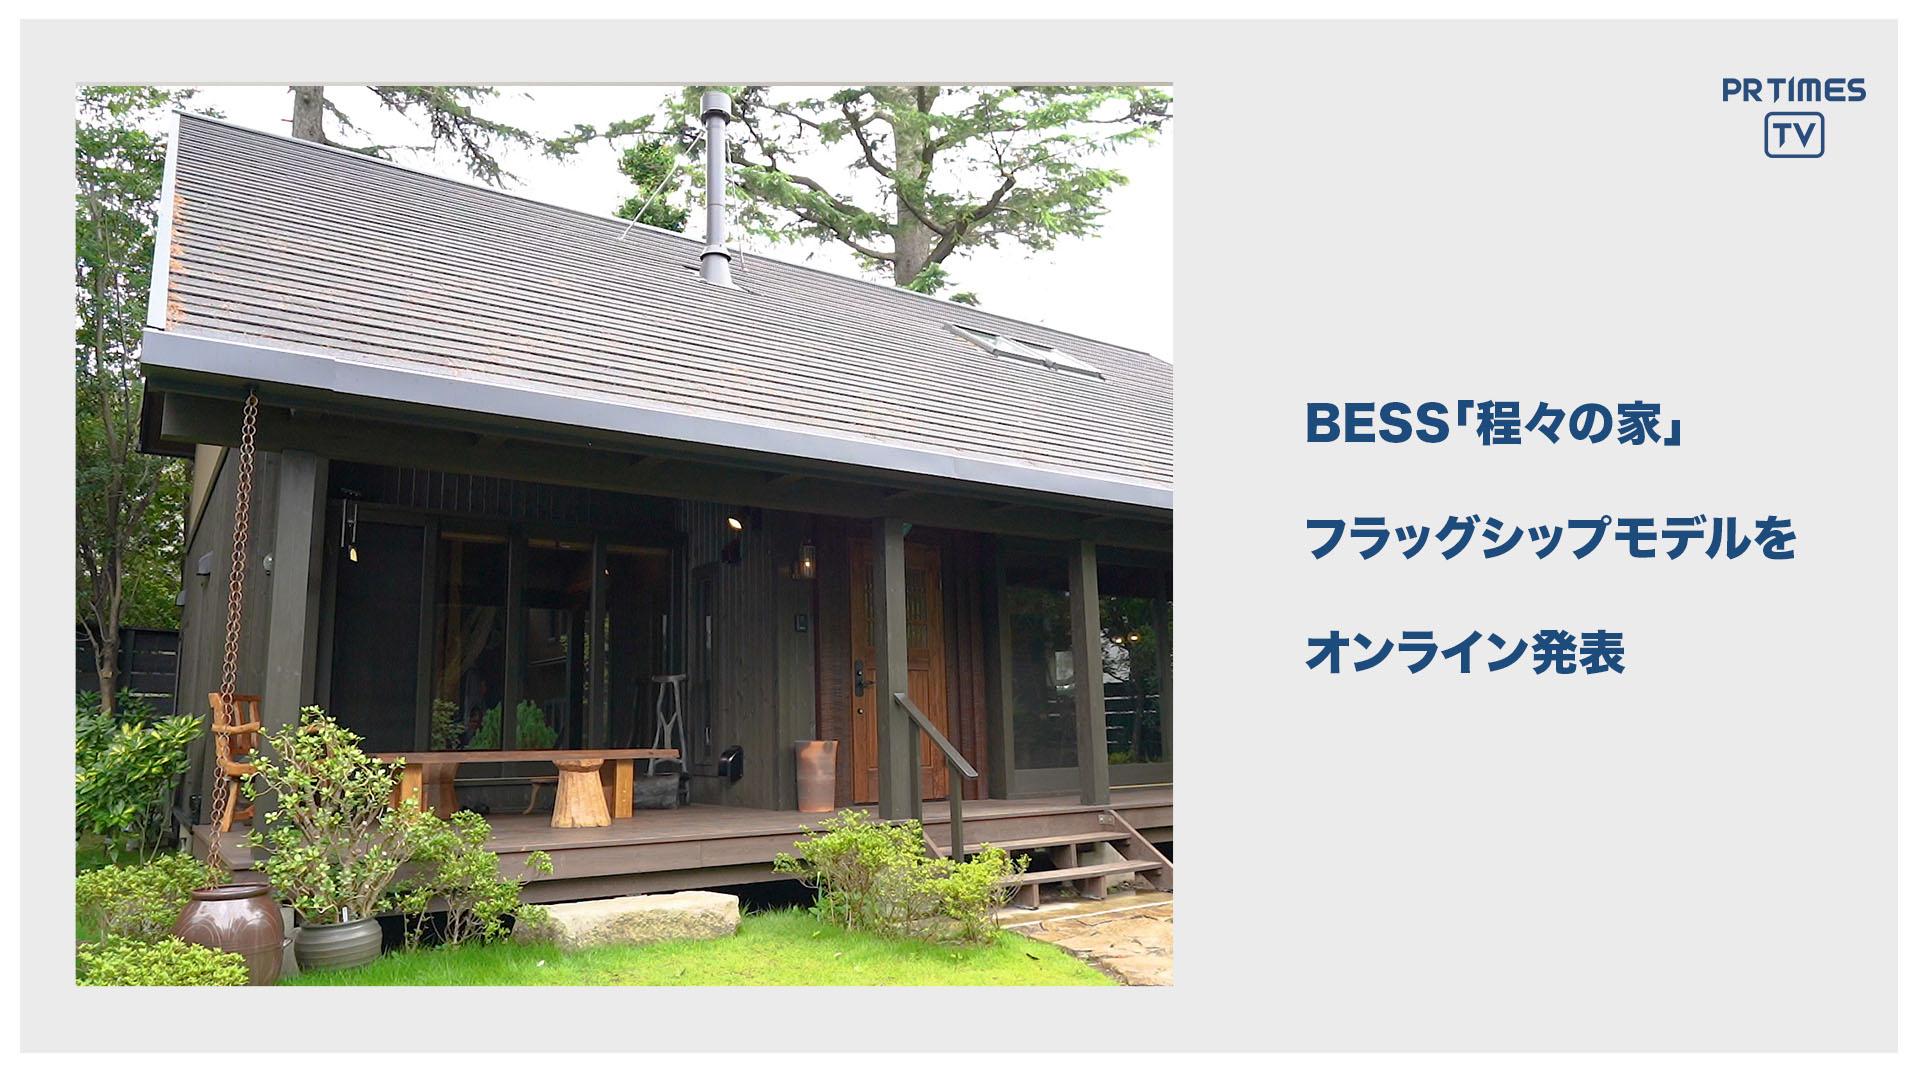 【オンラインプレス発表会の動画を公開】「住む」より「楽しむ」BESSの家